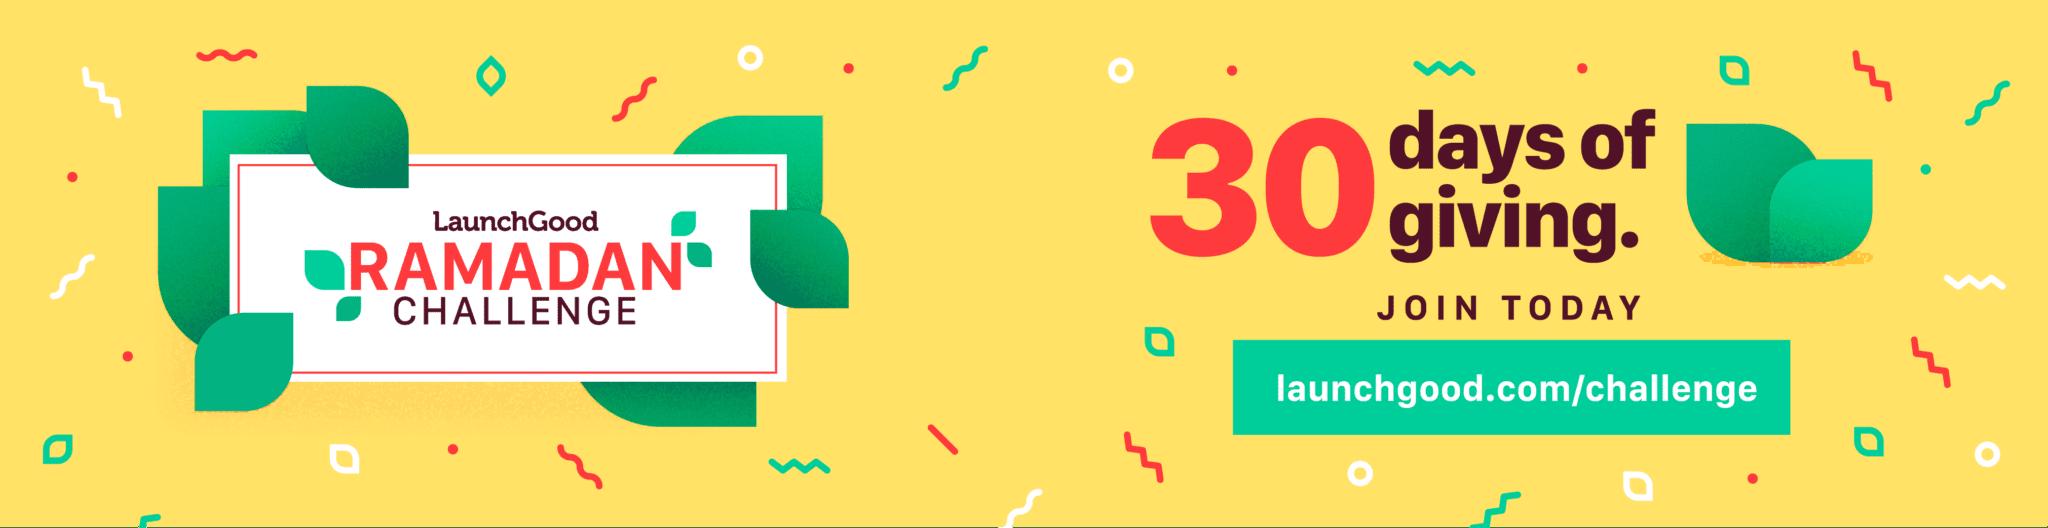 LaunchGood Ramadan Challenge | 30 days of giving